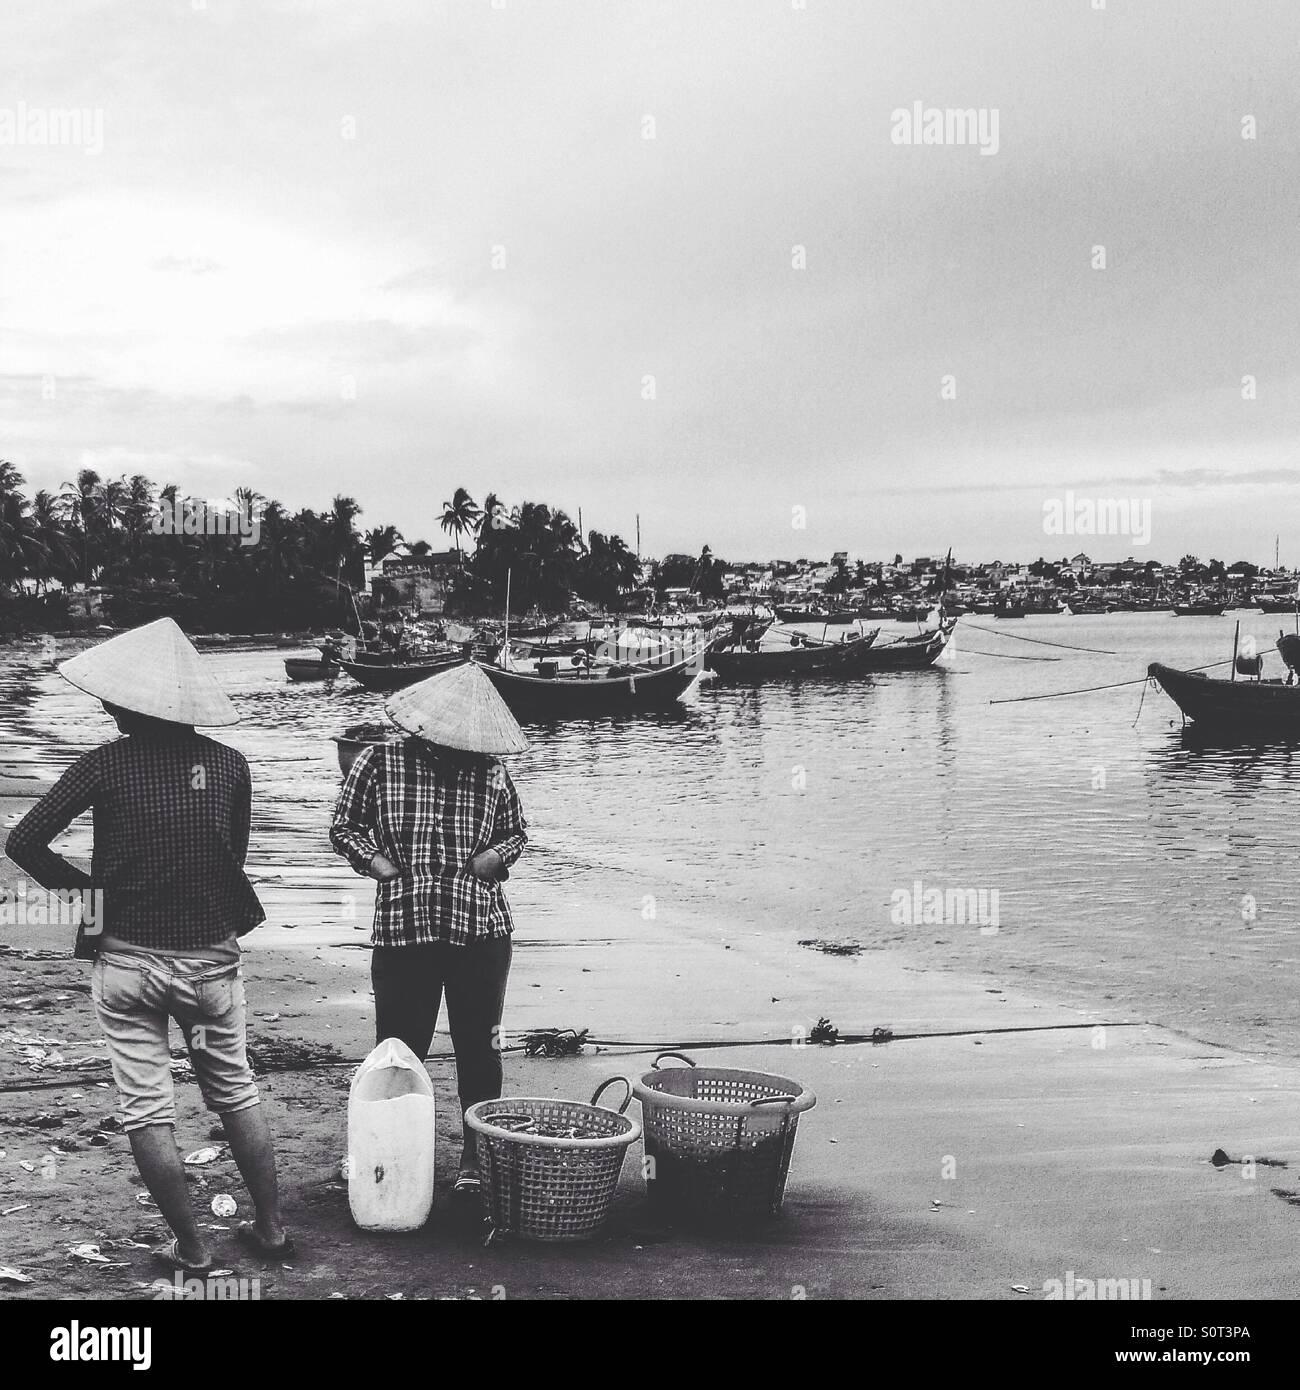 Fishing village Mui Ne Vietnam. Black and white image of local fisherwomen and bay scene - Stock Image